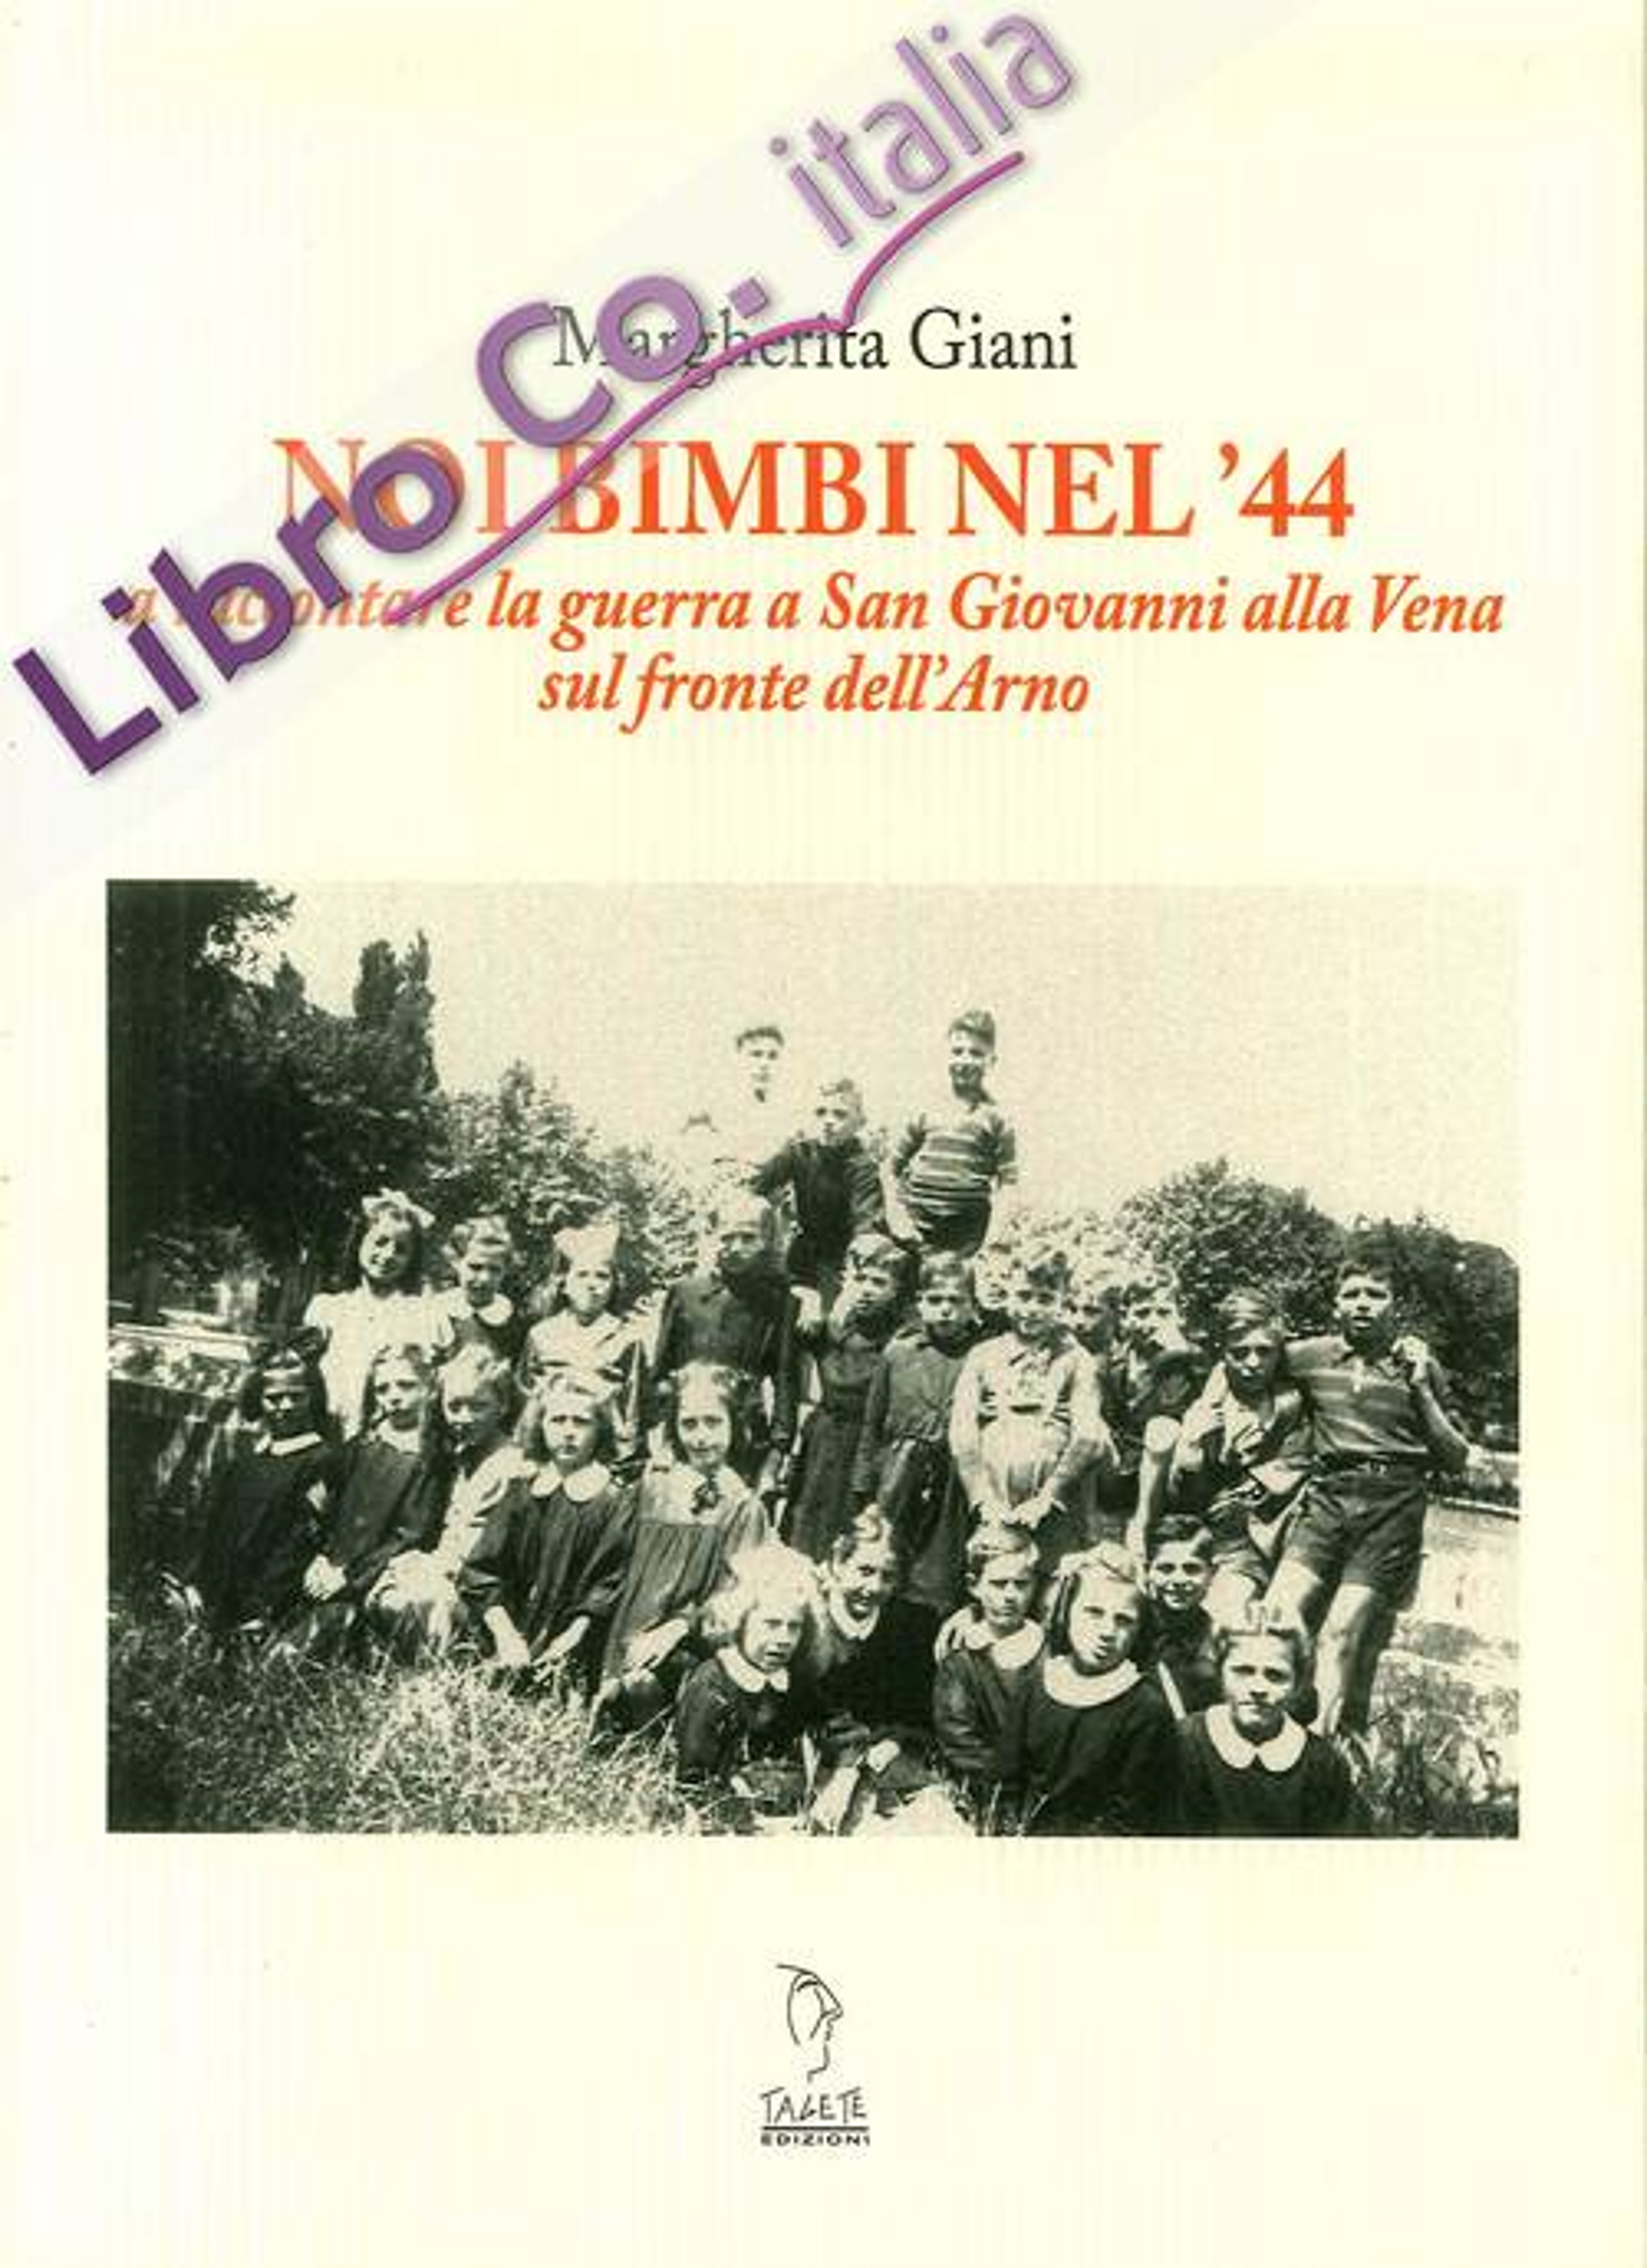 Noi bimbi nel '44. A raccontare la guerra a San Giovanni alla Vena sul fronte dell'Arno.